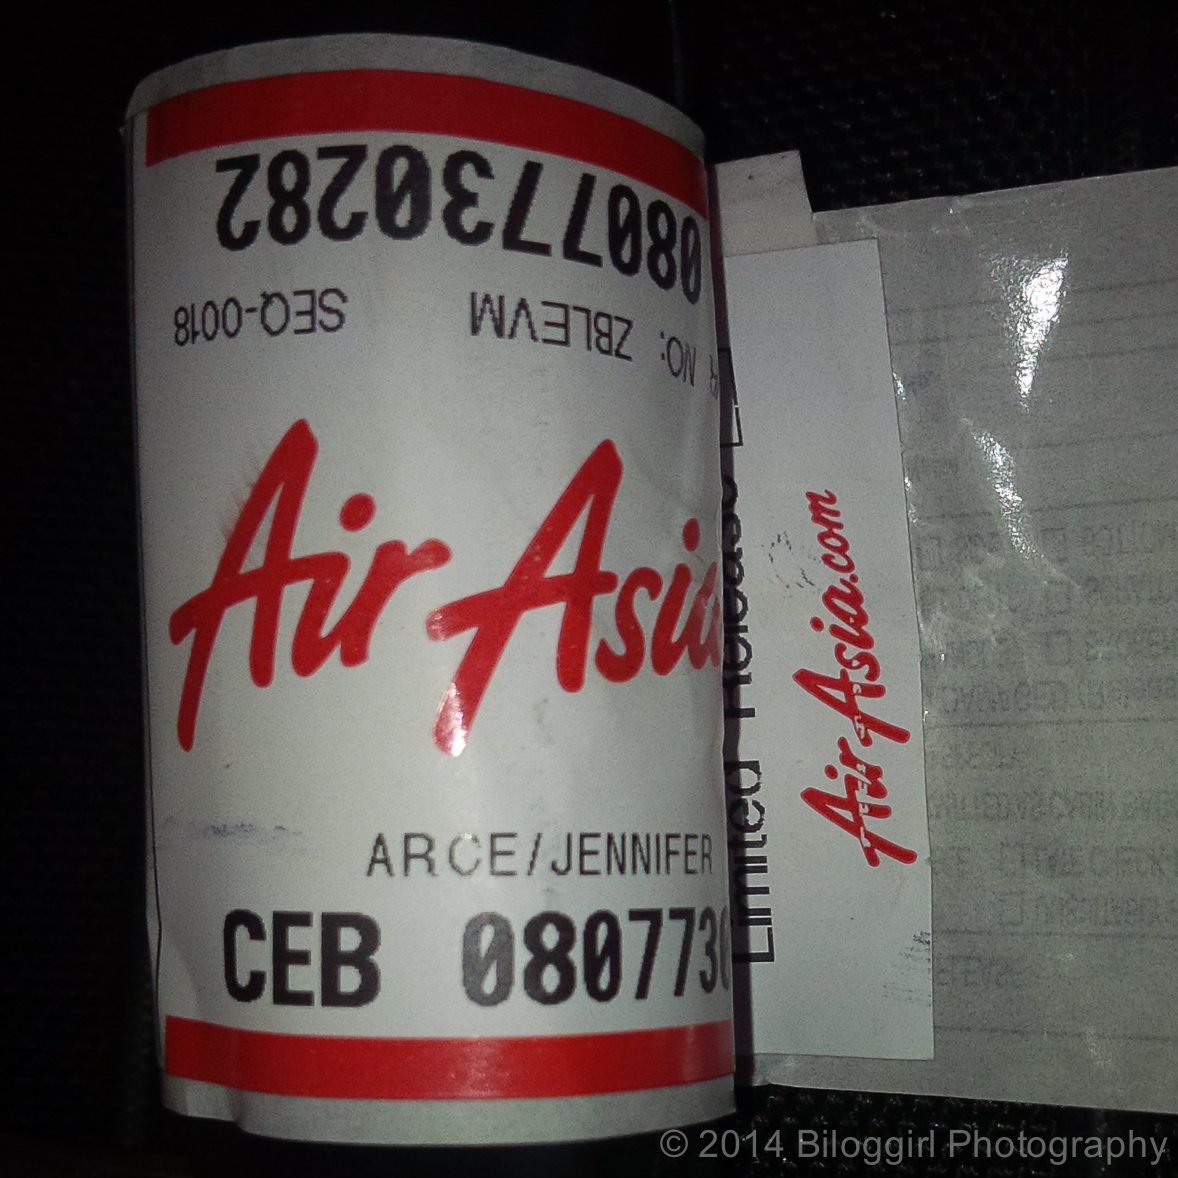 ASEAN MTB Cup - AirAsia